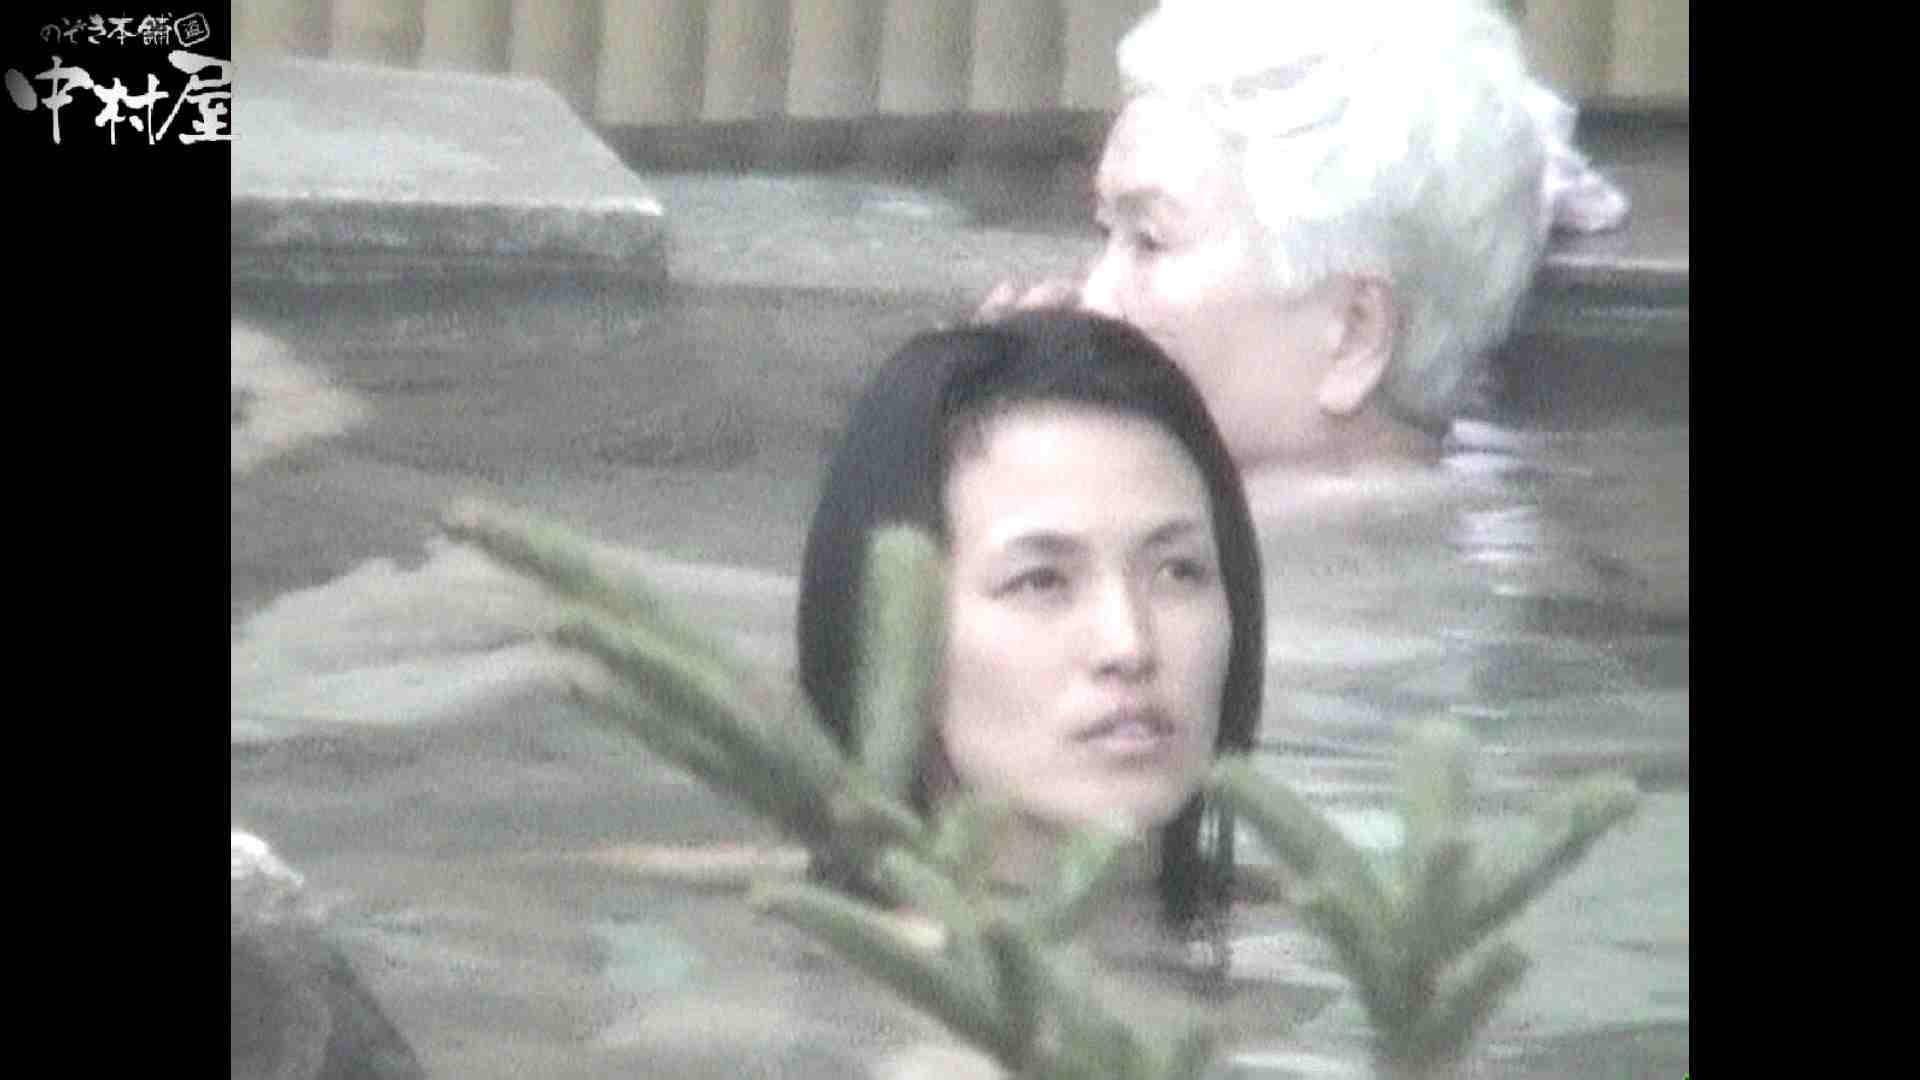 Aquaな露天風呂Vol.933 OLエロ画像   露天  78PICs 55